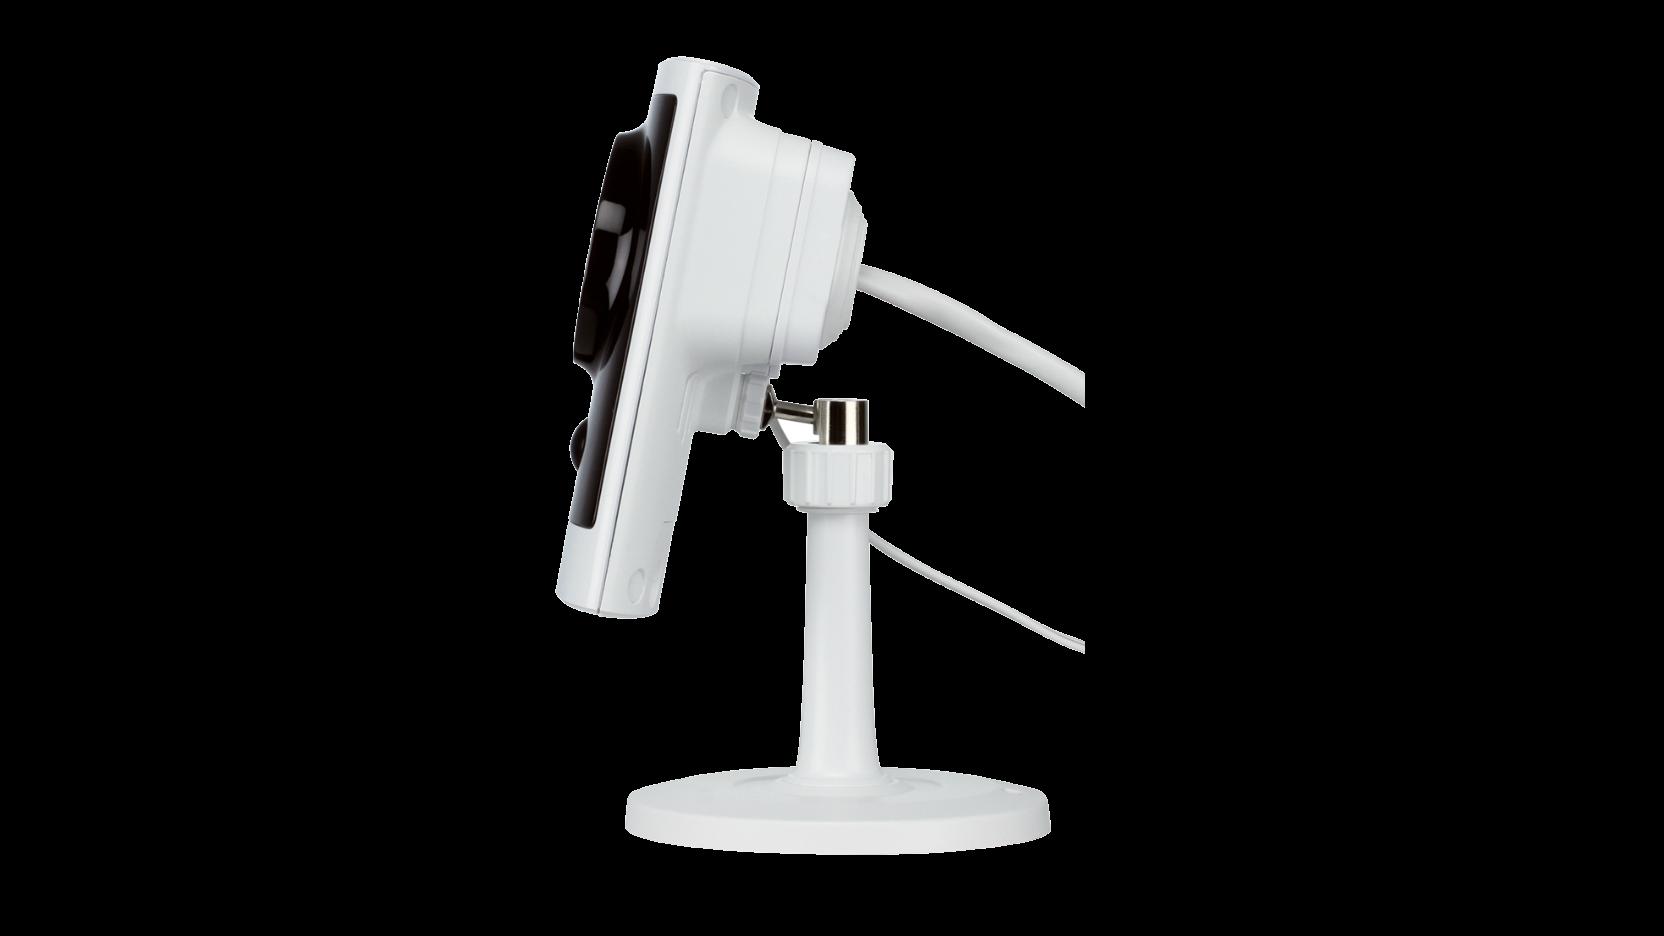 D-Link DCS-2310L Network Camera Drivers for Mac